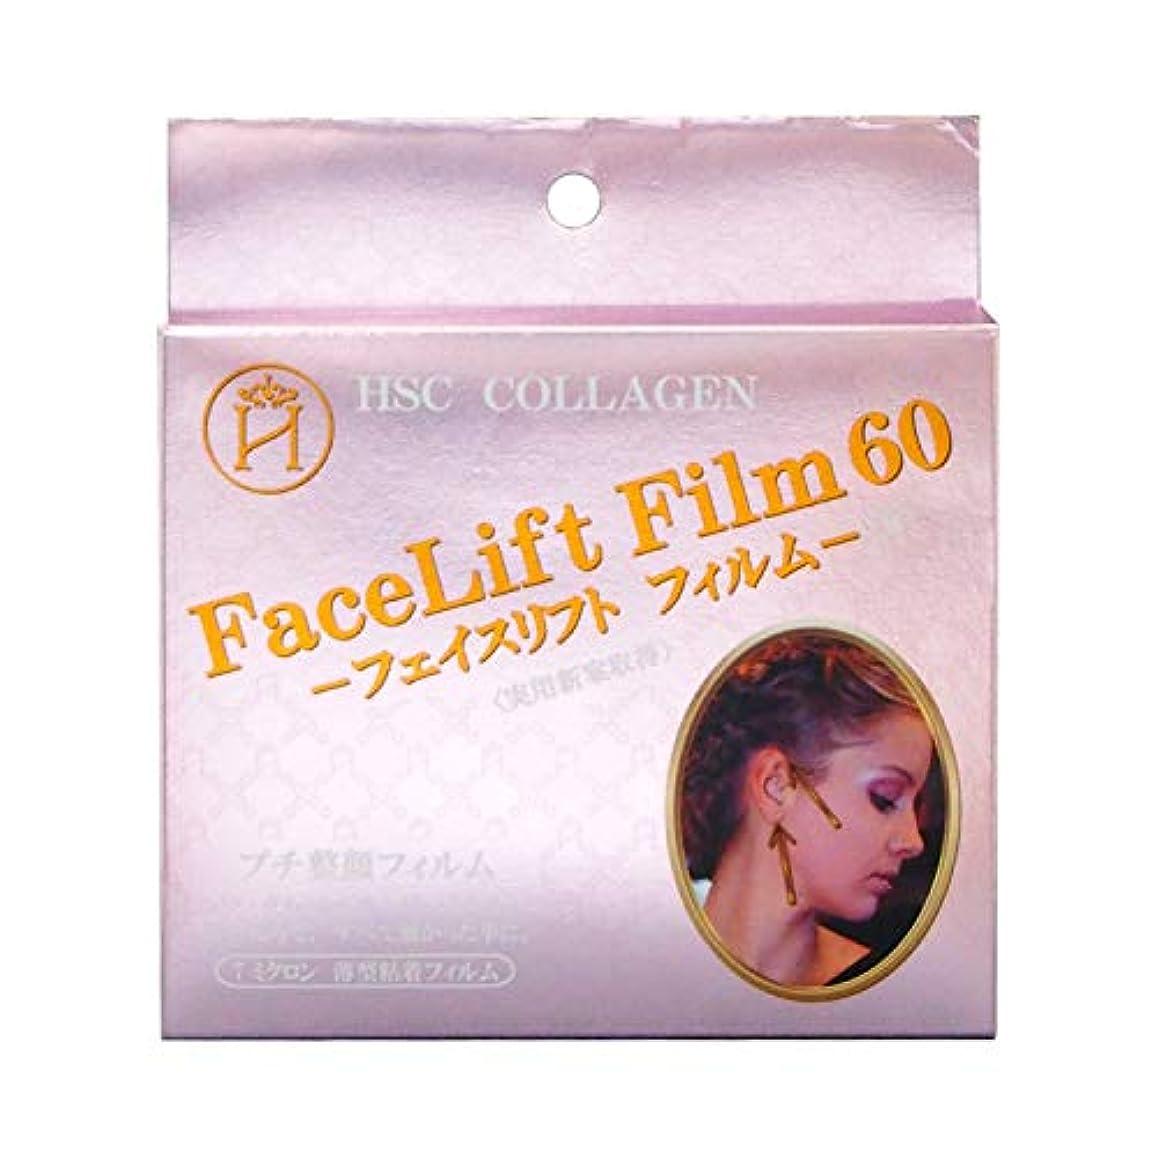 添付利益完全にフェイスリフトフィルム60 たるみ テープ 引き上げ 透明 目立たない フェイスライン